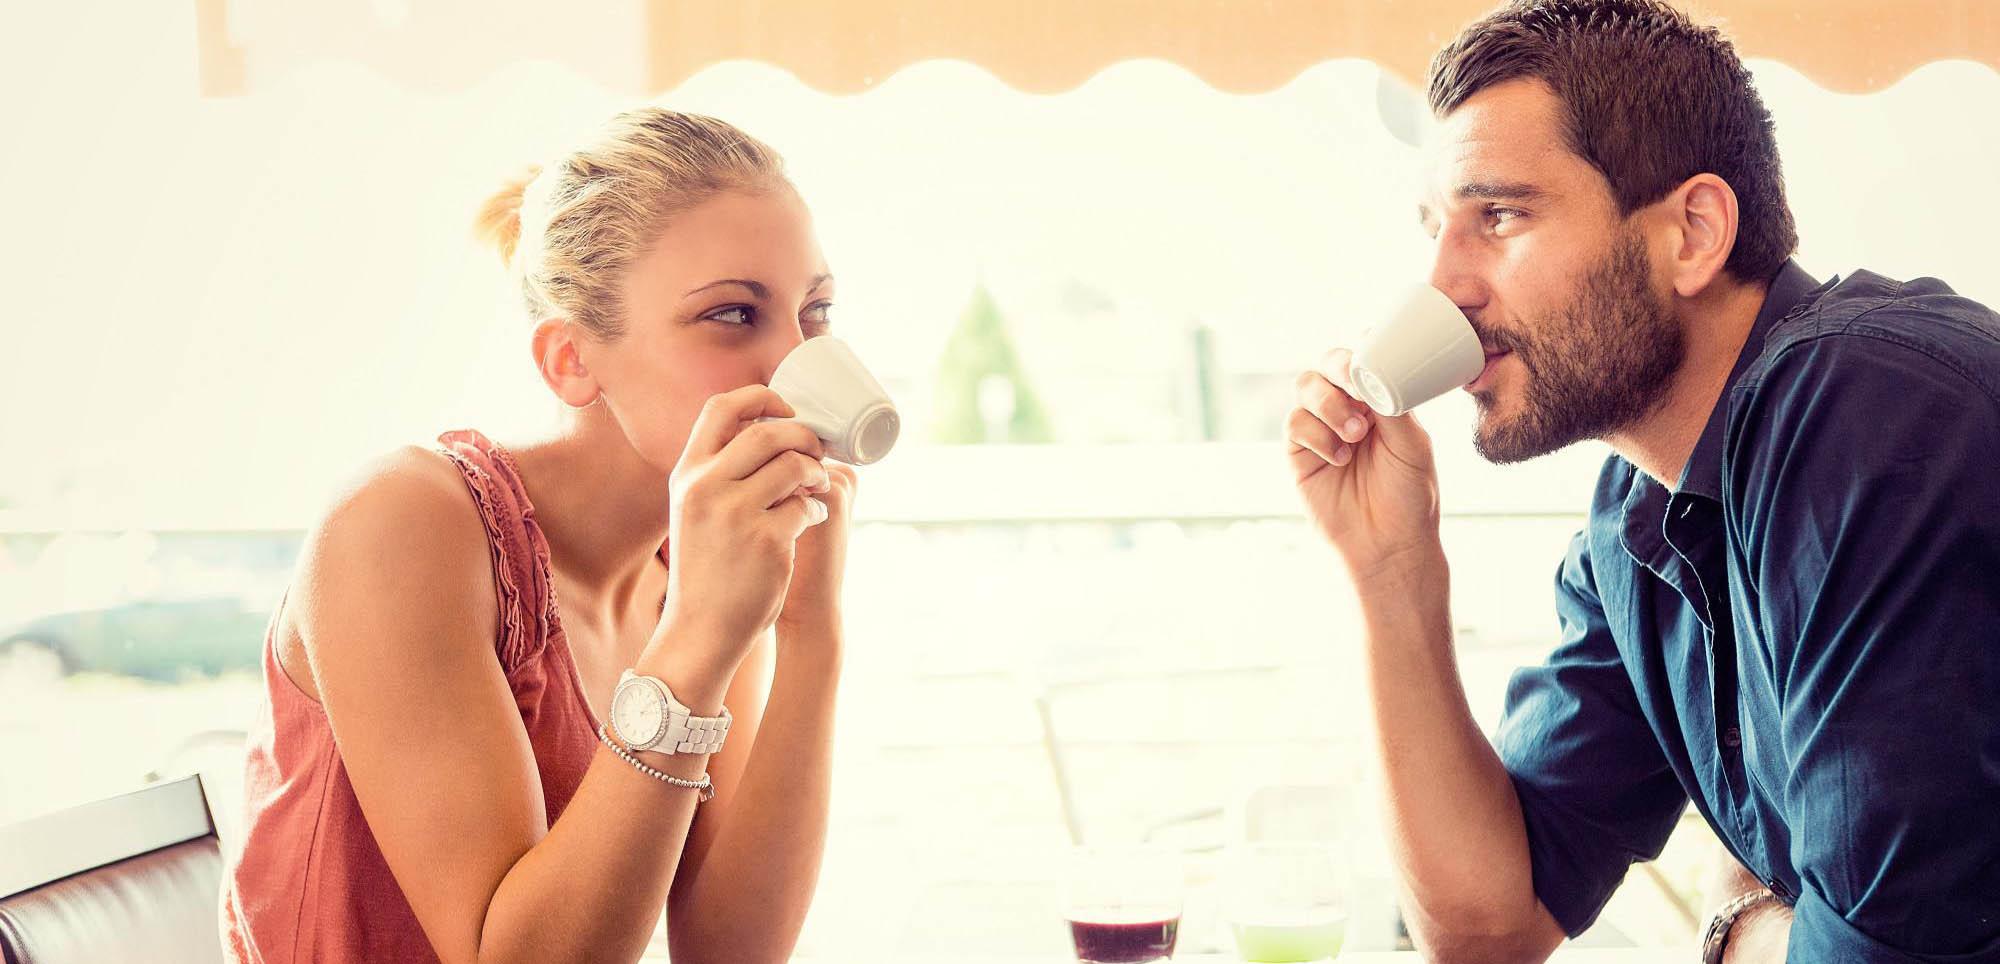 О чем говорить с девушкой на свидании фото